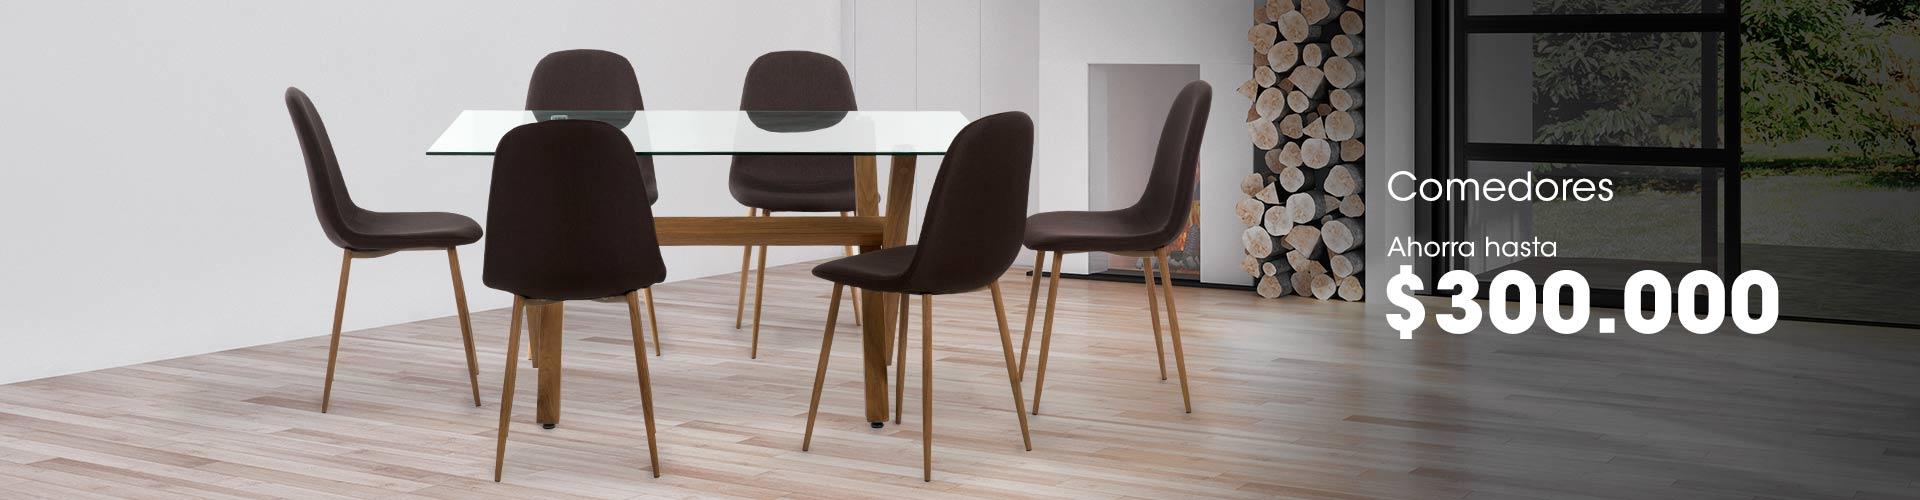 Muebles - Mesas, Sofás, Comedores y Más | Abcdin.cl